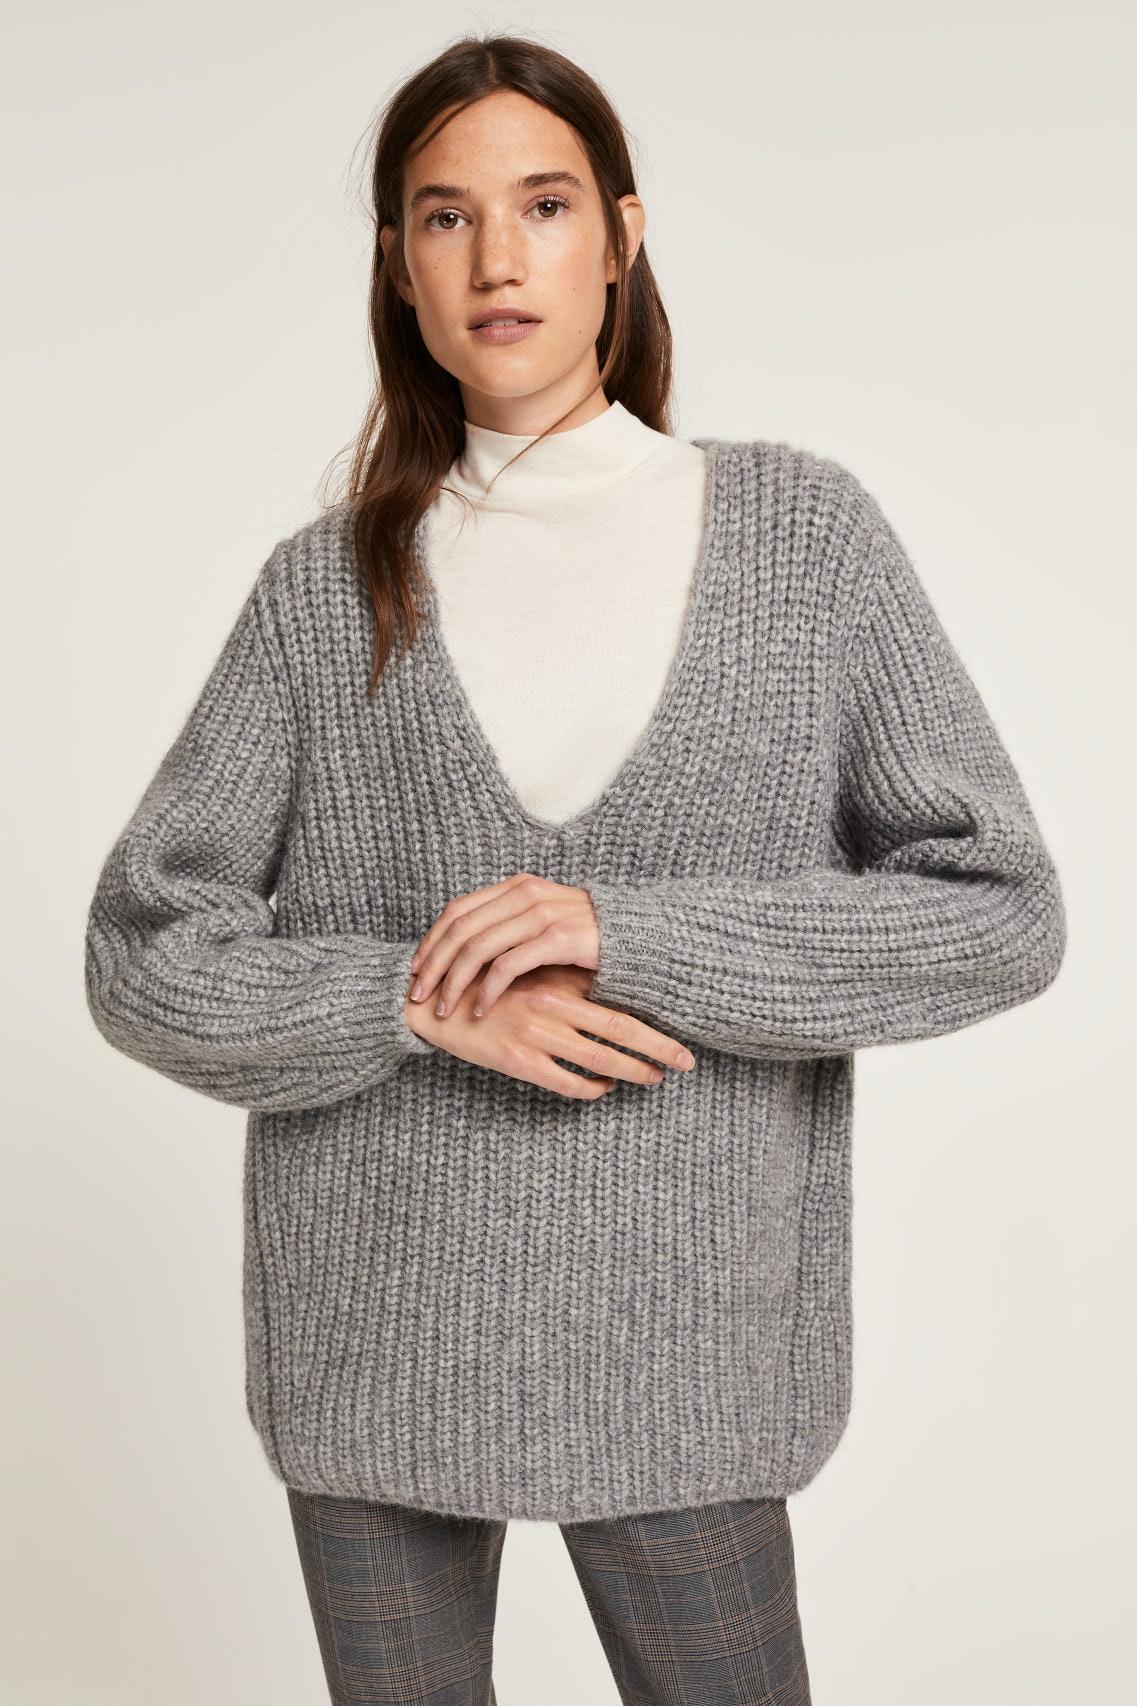 c2df87fd9660 How To Wear Chunky Sweaters Like A Fashion Influencer